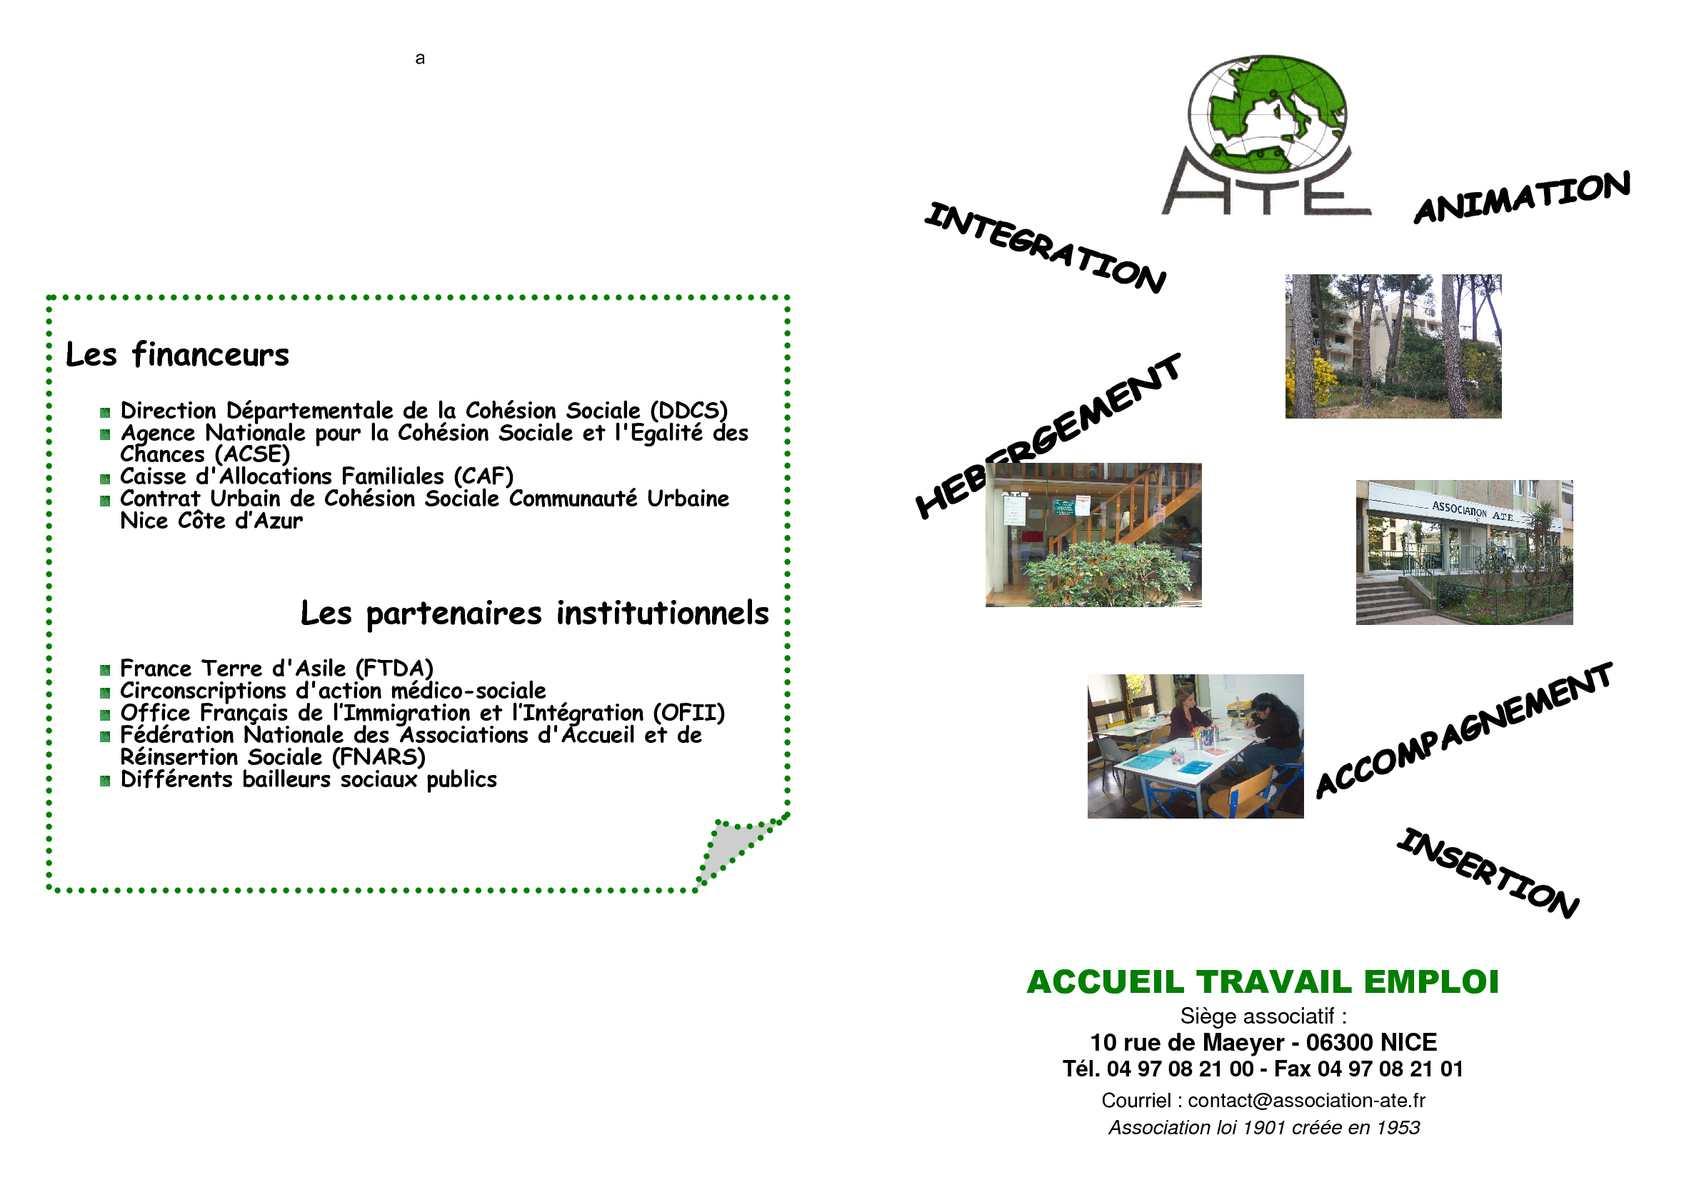 Calam o plaquette ate f vrier 2011 - Office francais de l immigration et de l integration lille ...